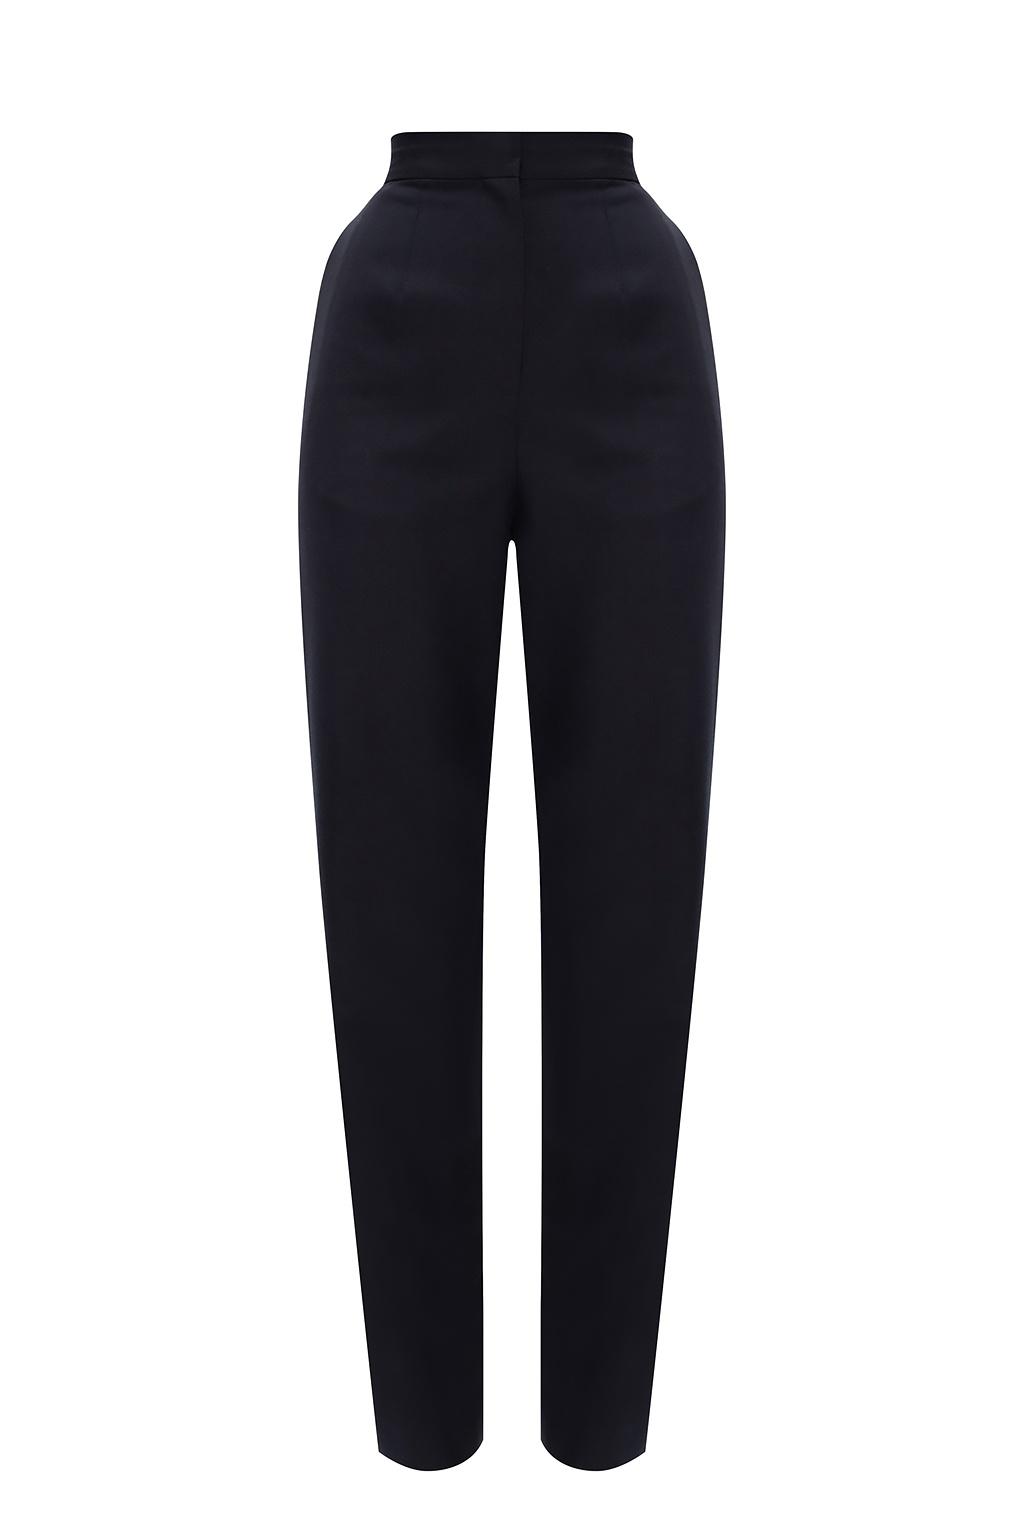 Loewe High-waisted trousers